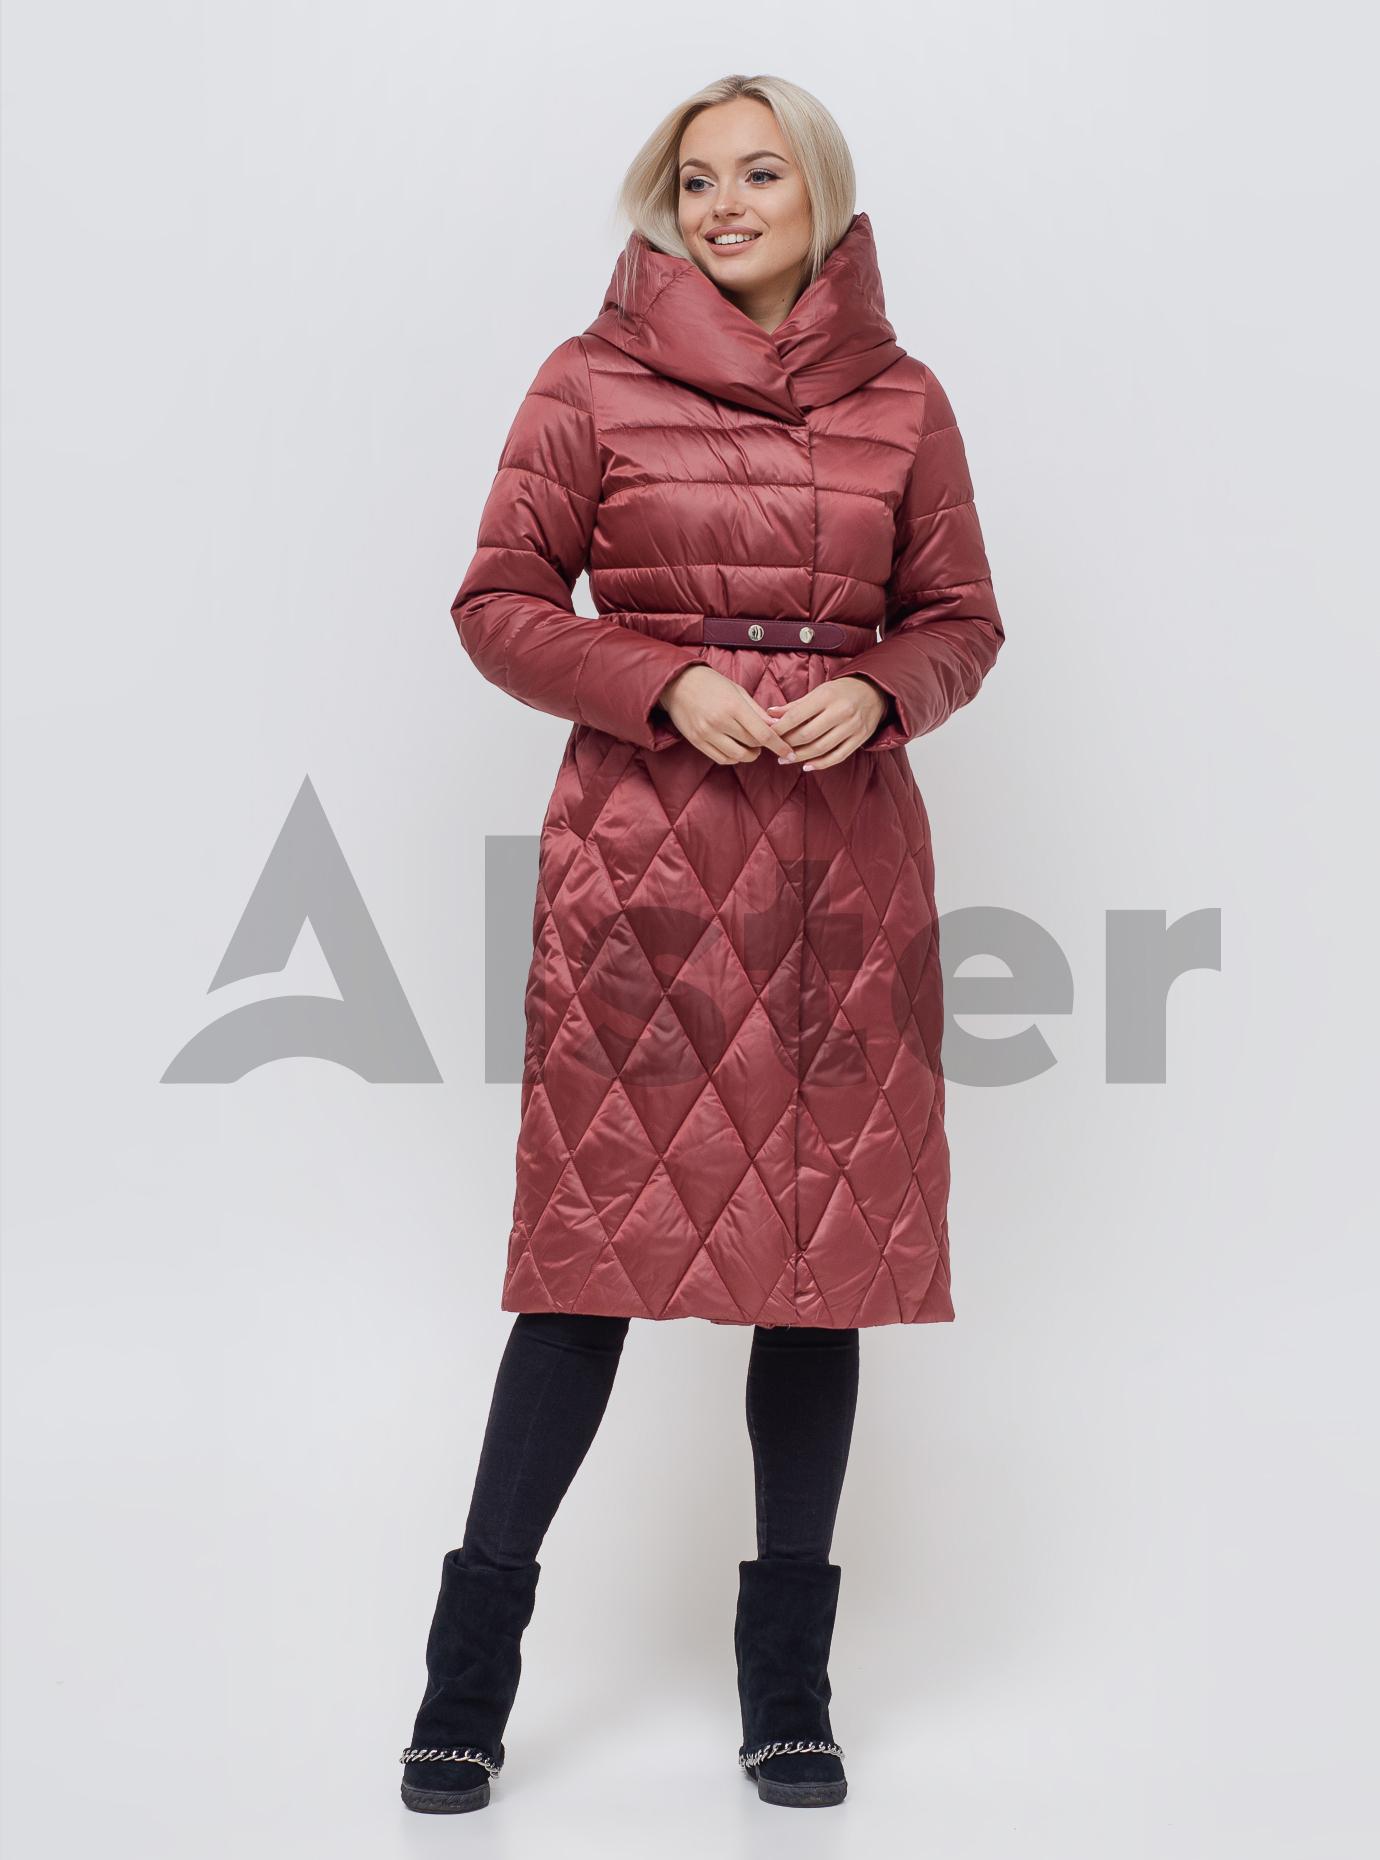 Пальто зимове з поясом Бордовий 46 (01-N200241): фото - Alster.ua